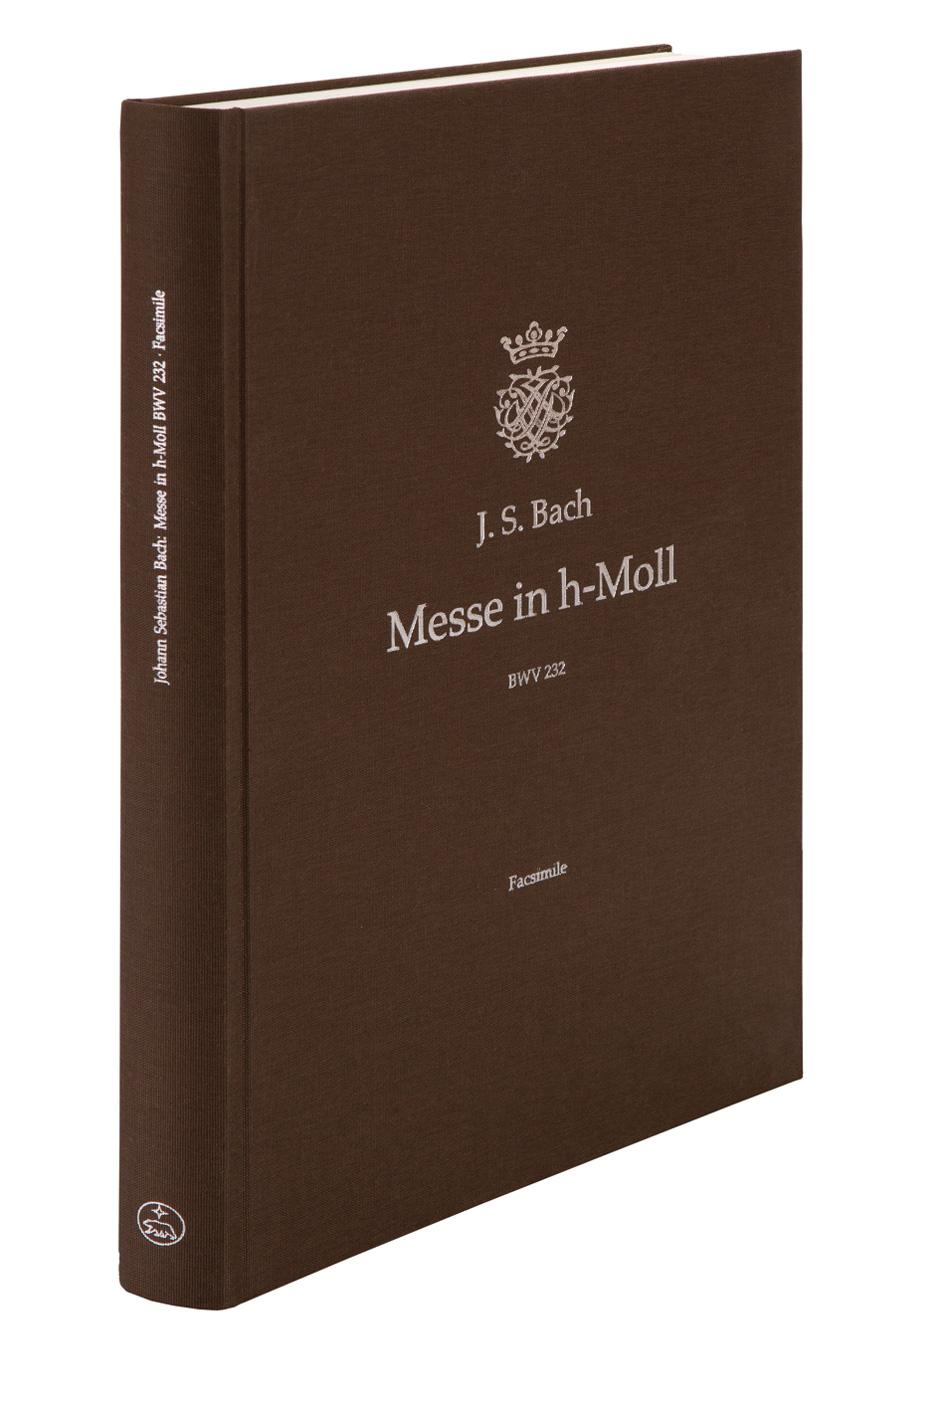 Johann Sebastian Bach: Mass In B minor BWV 232: Facsimile